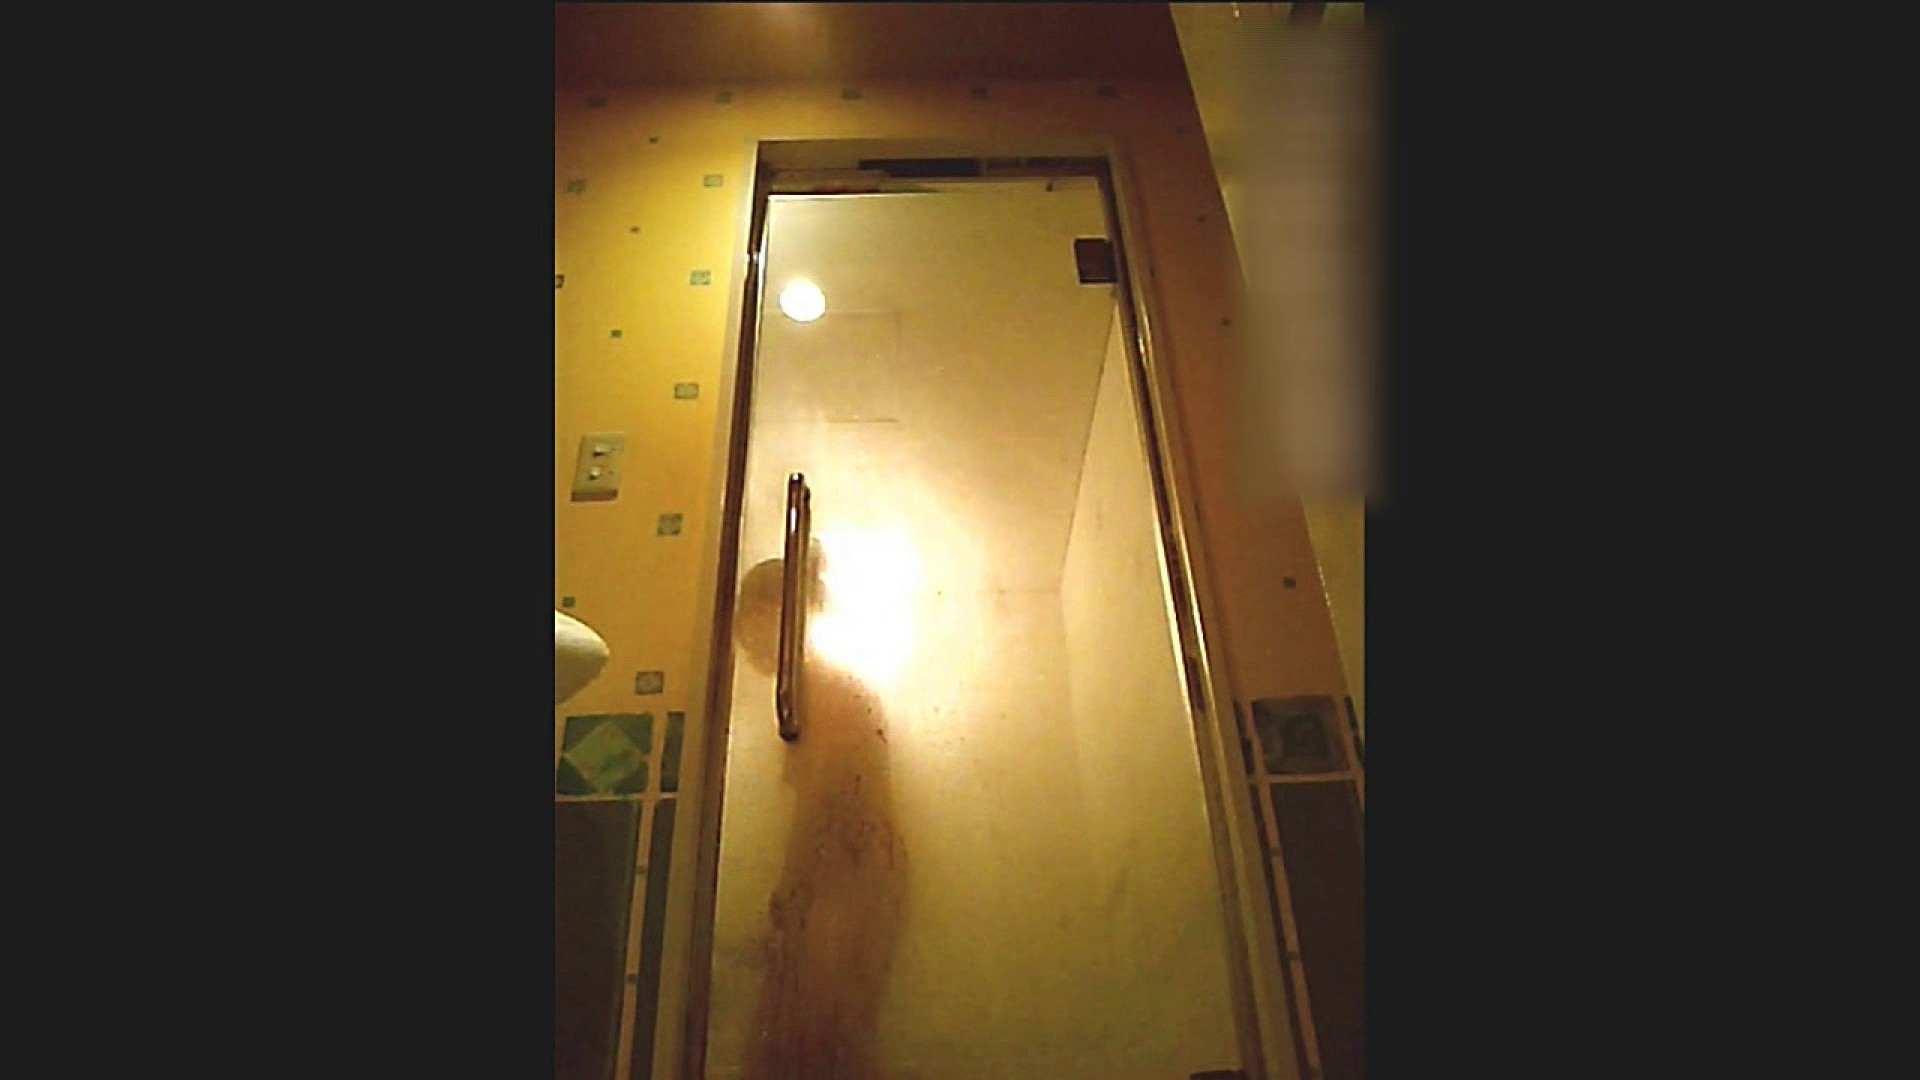 サークル女子の後輩 かなみちゃん Vol.04 ホテルの中 | シャワー室  109枚 86